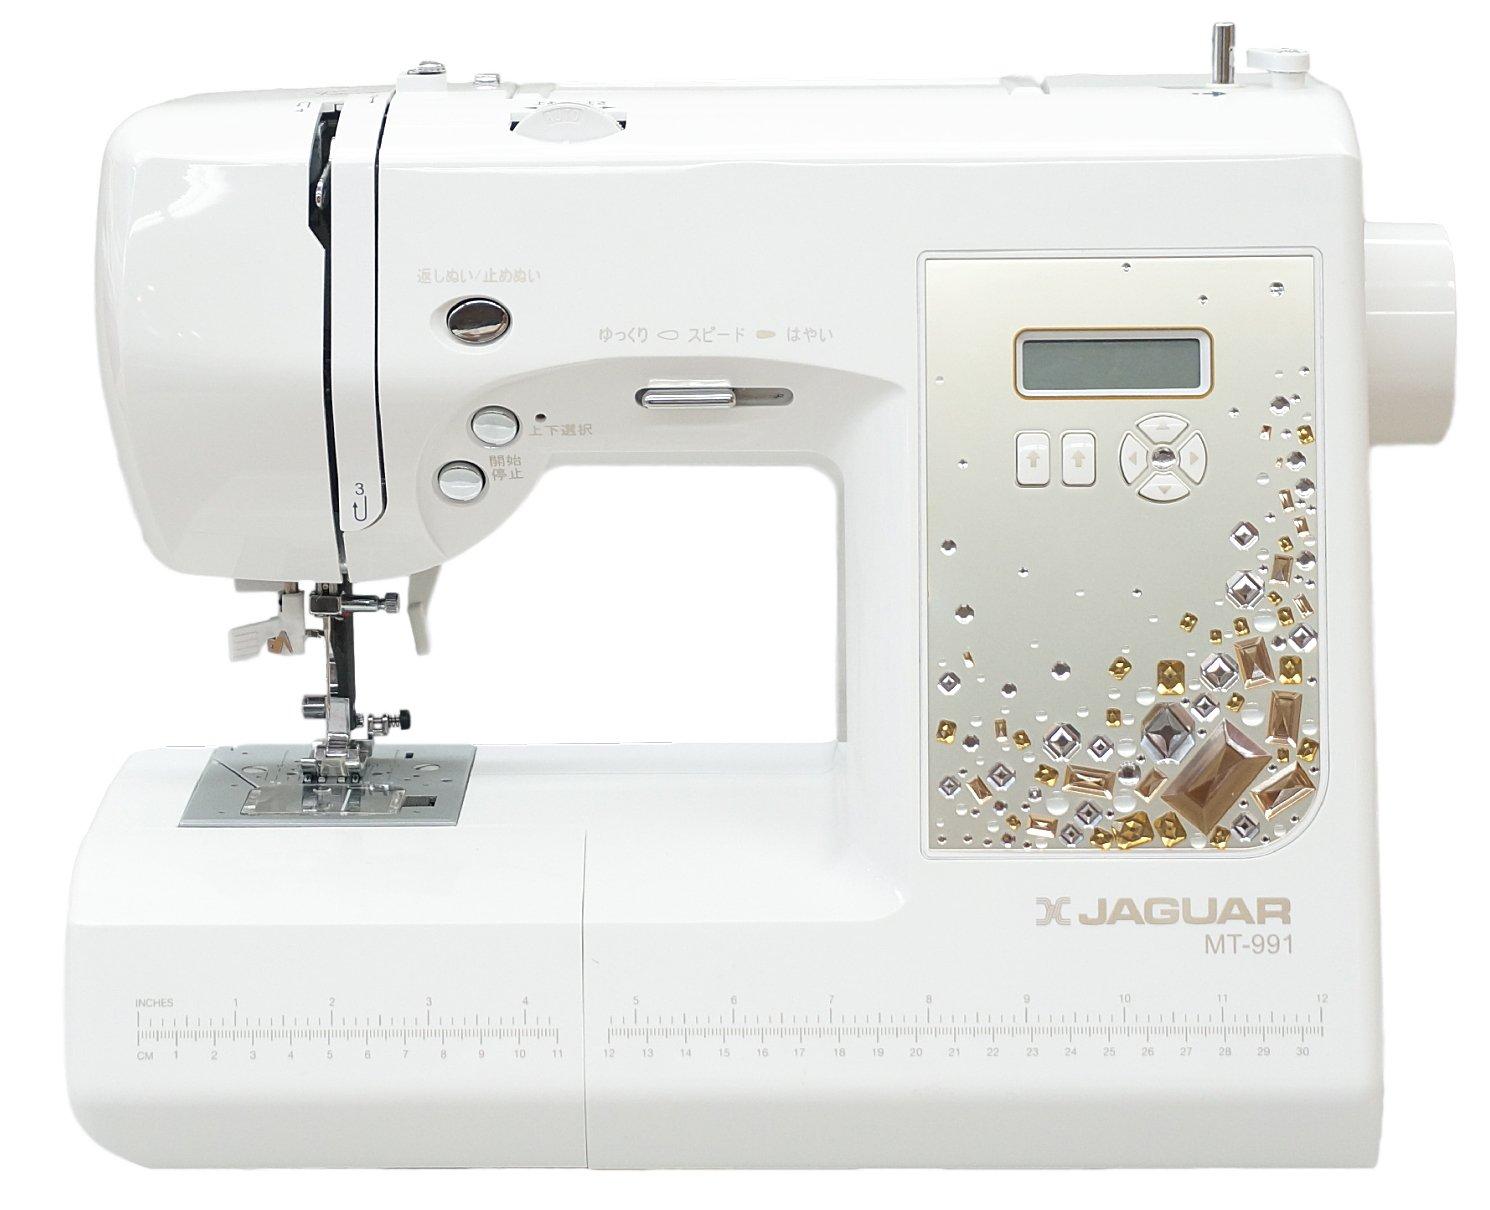 最新モデル ジャガーコンピュータミシン MT991 限定クリスタルゴールドパネル 特別仕様モデル B01ABSDK5C